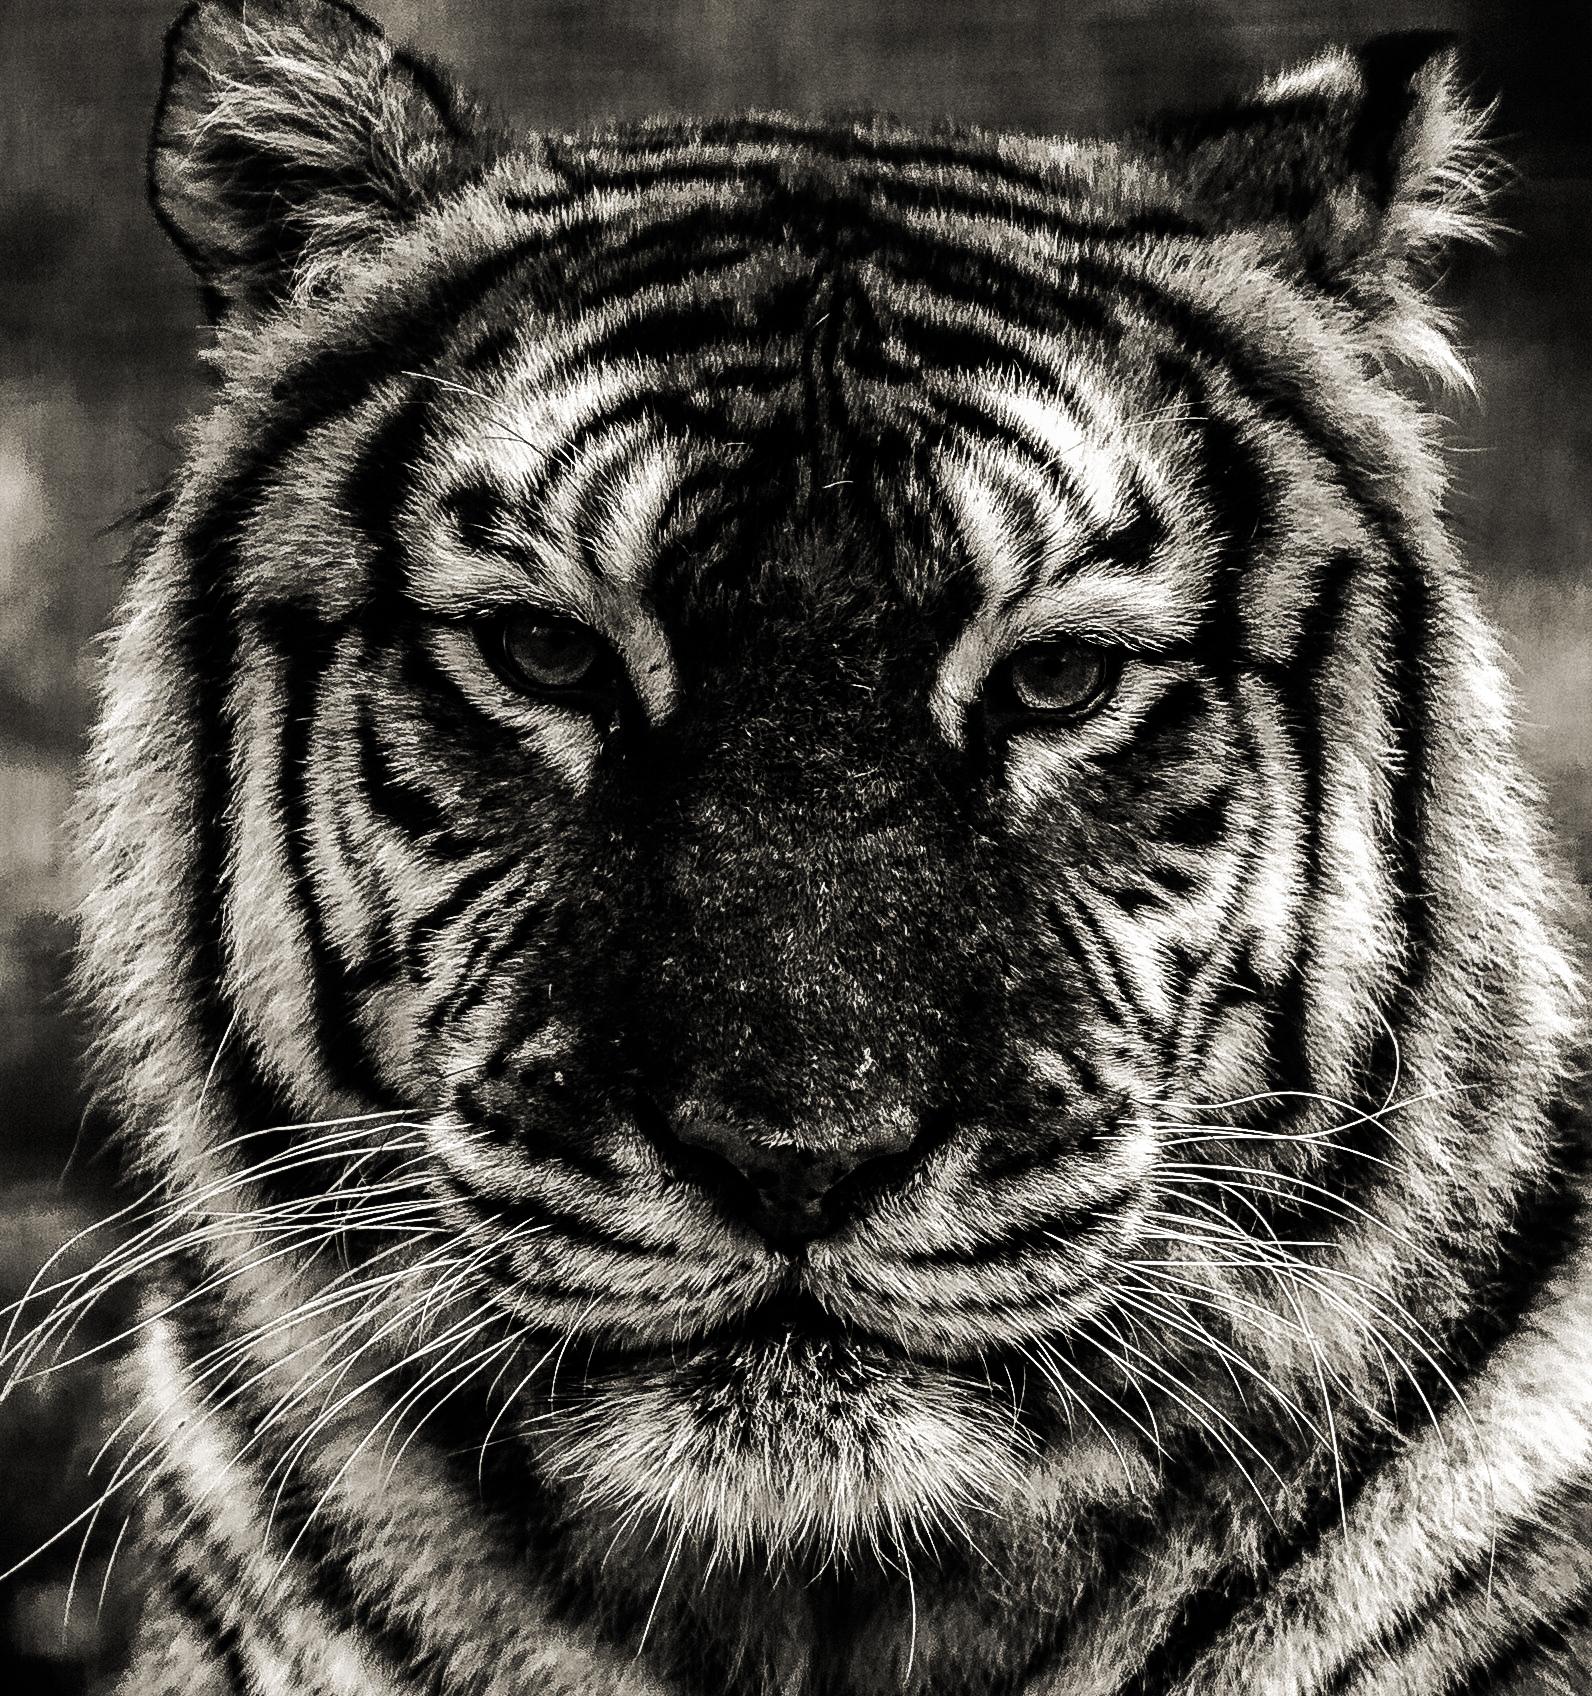 The tiger - A partir de 49€